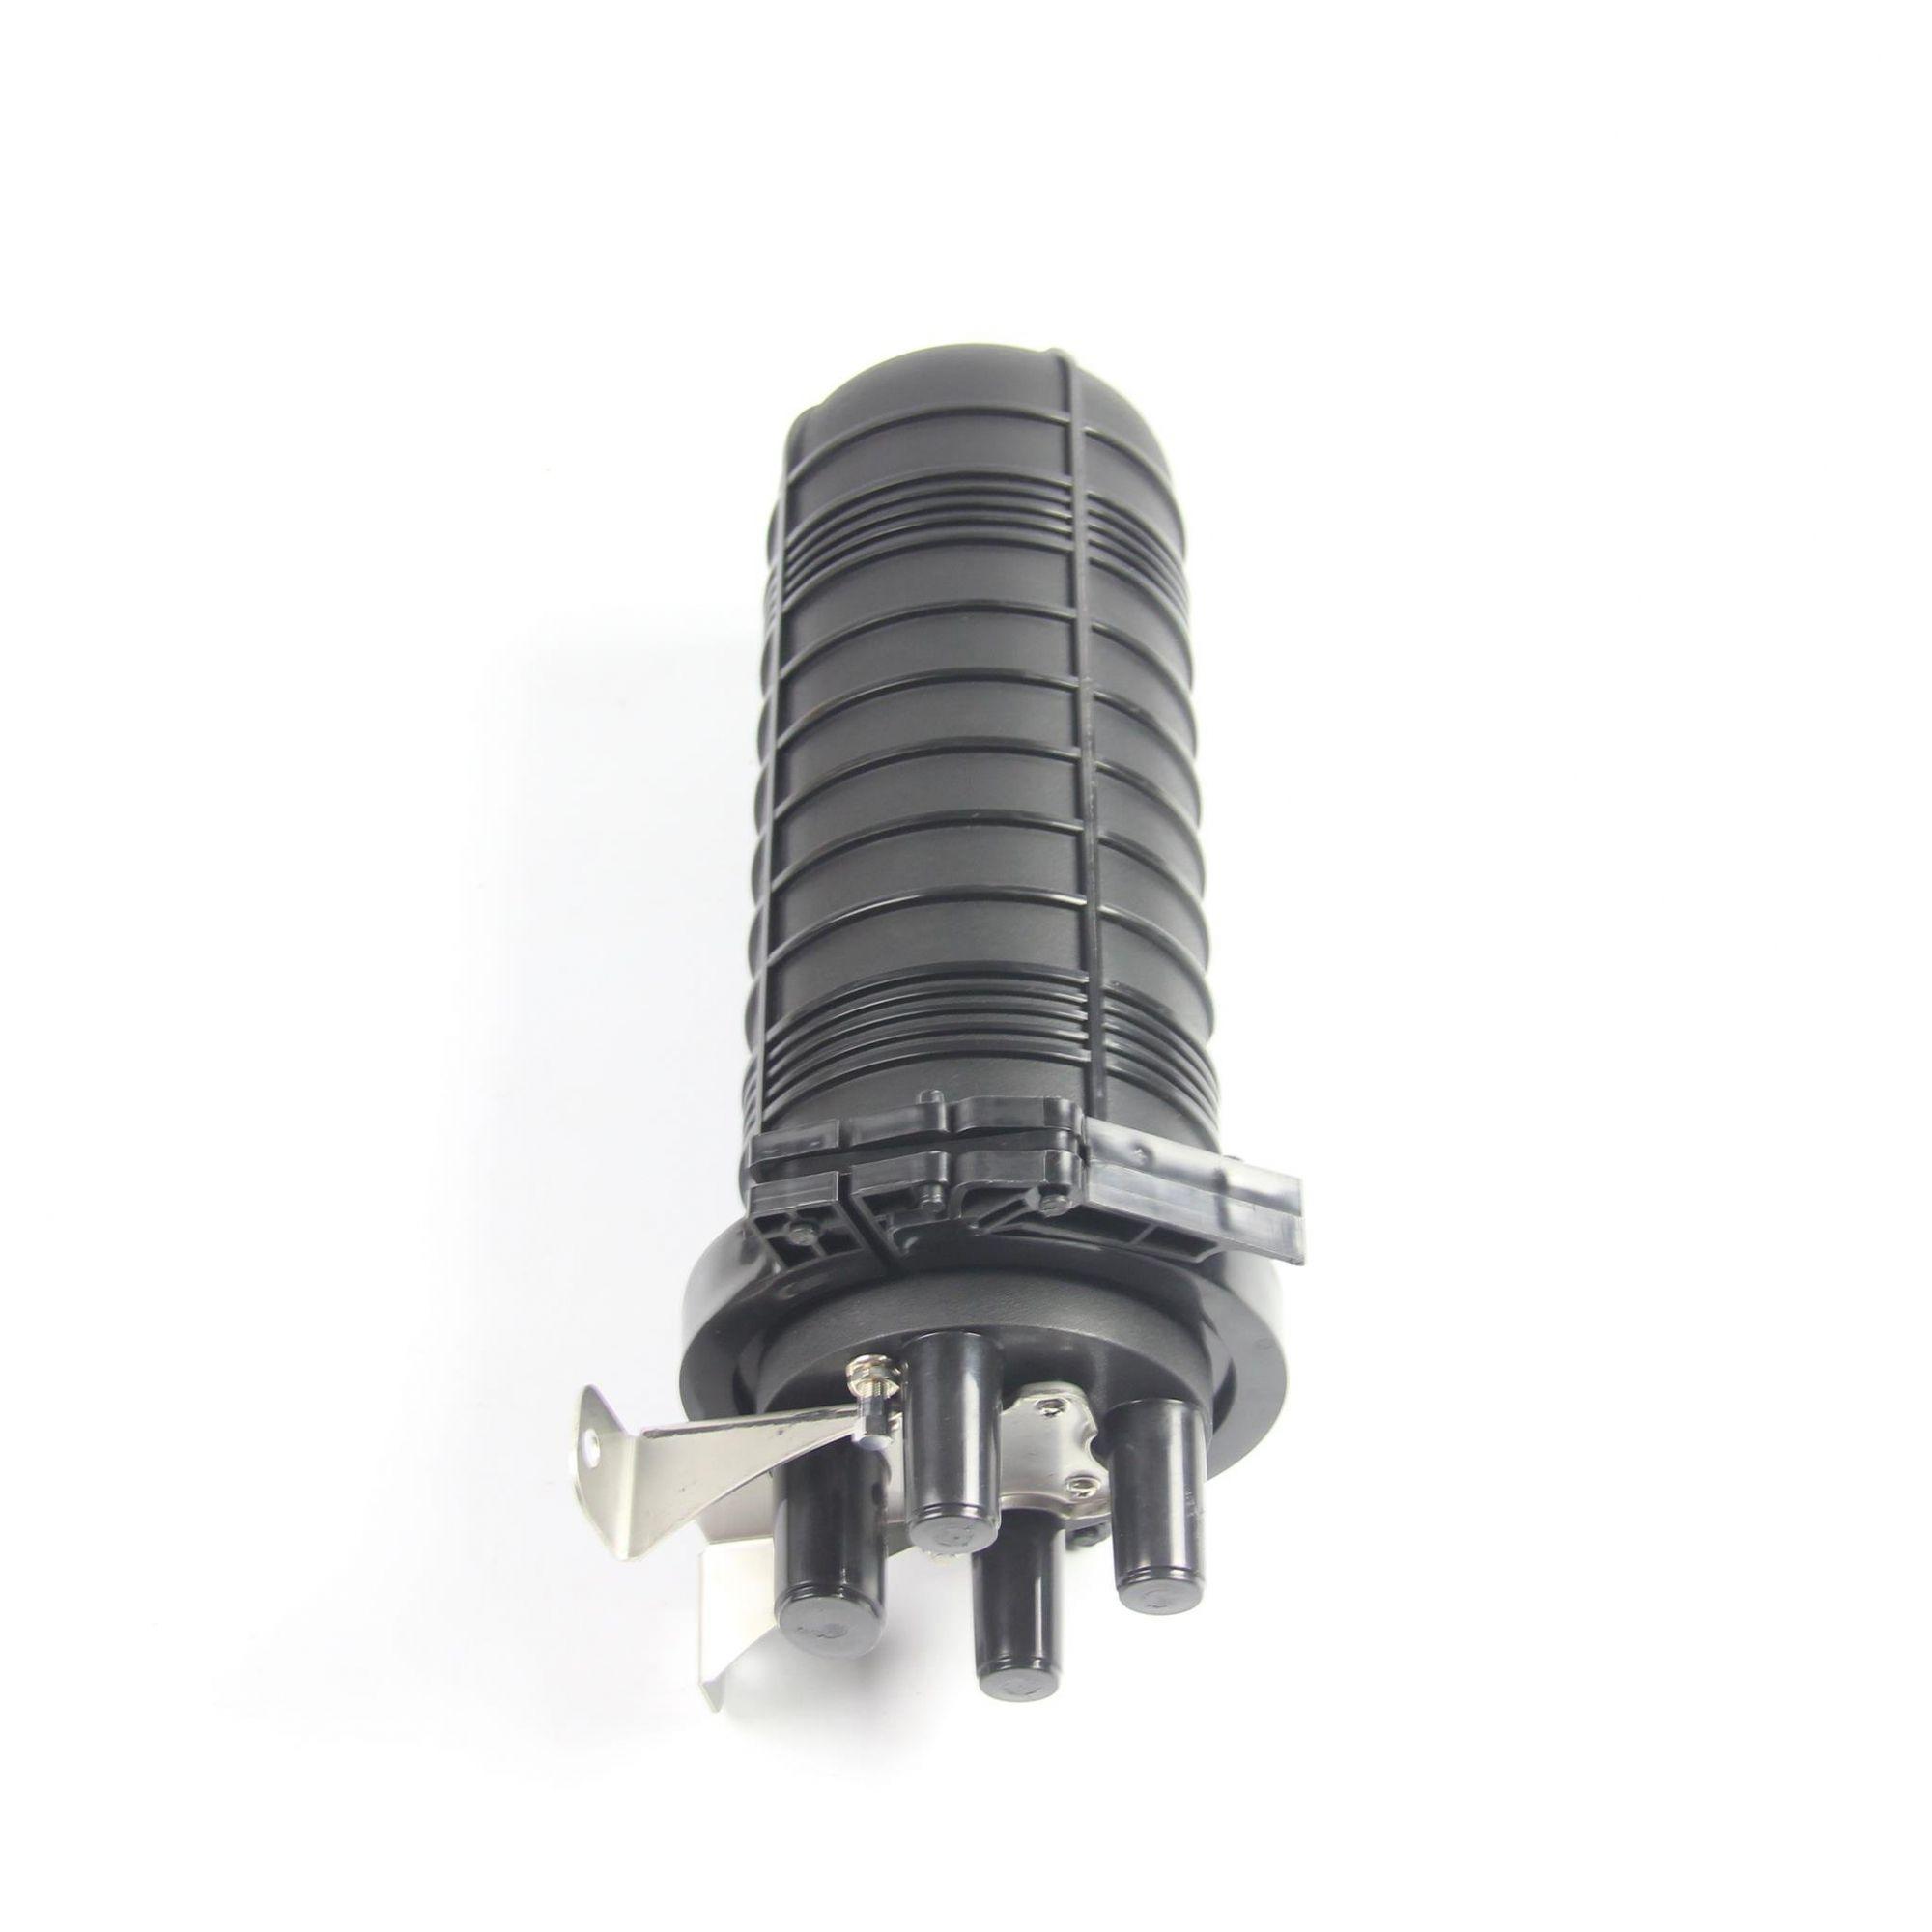 Caixa Emenda Para Rede Óptica Para 48 Fibras